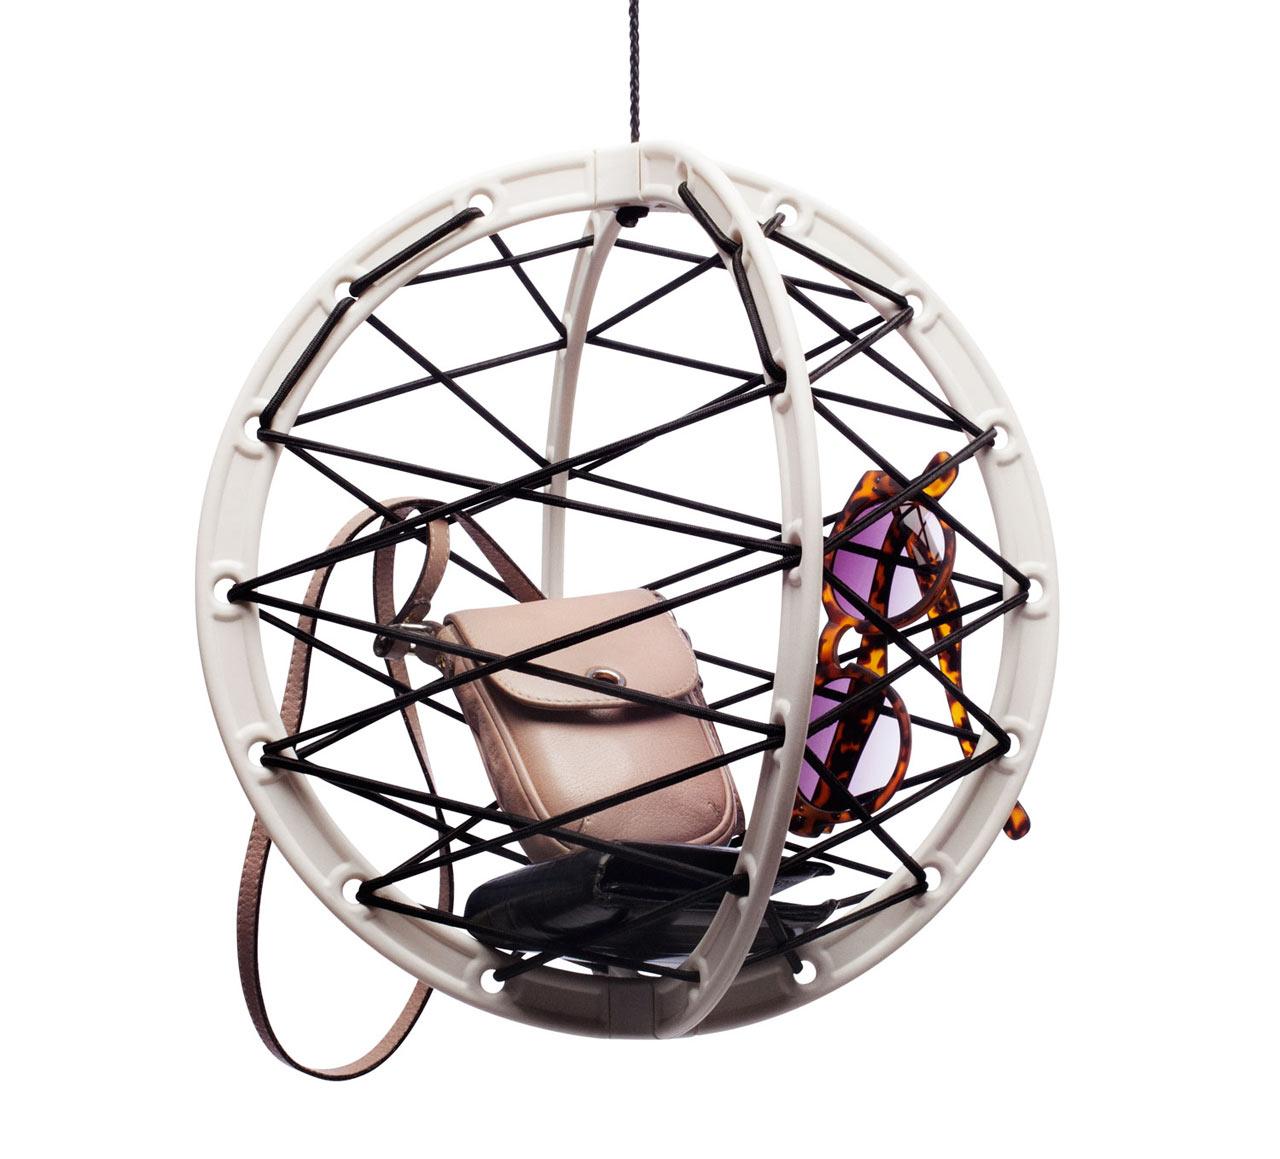 Pluk-Elastic-Sphere-FACO-9